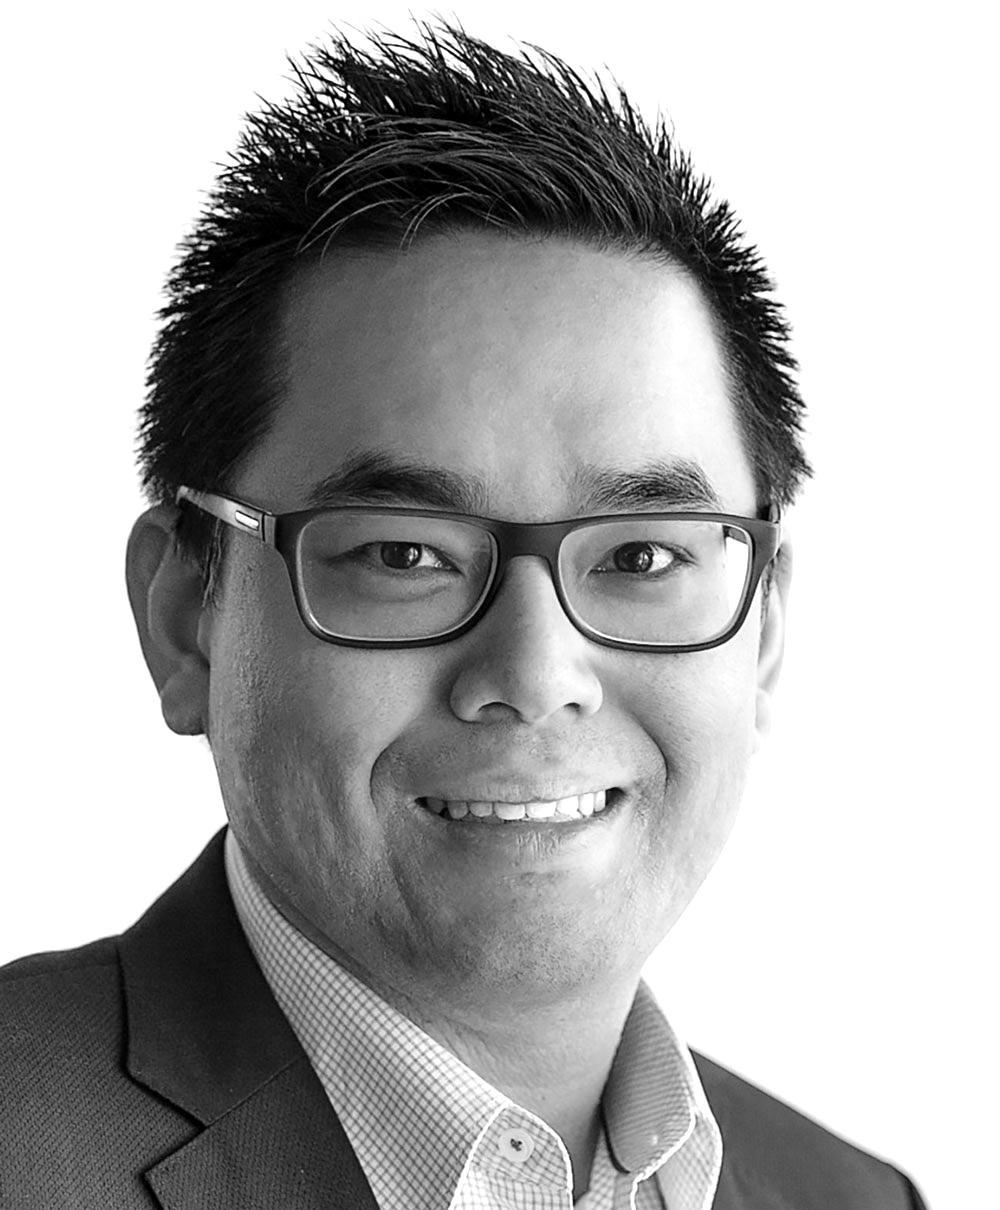 Headshot of Andrew Wong